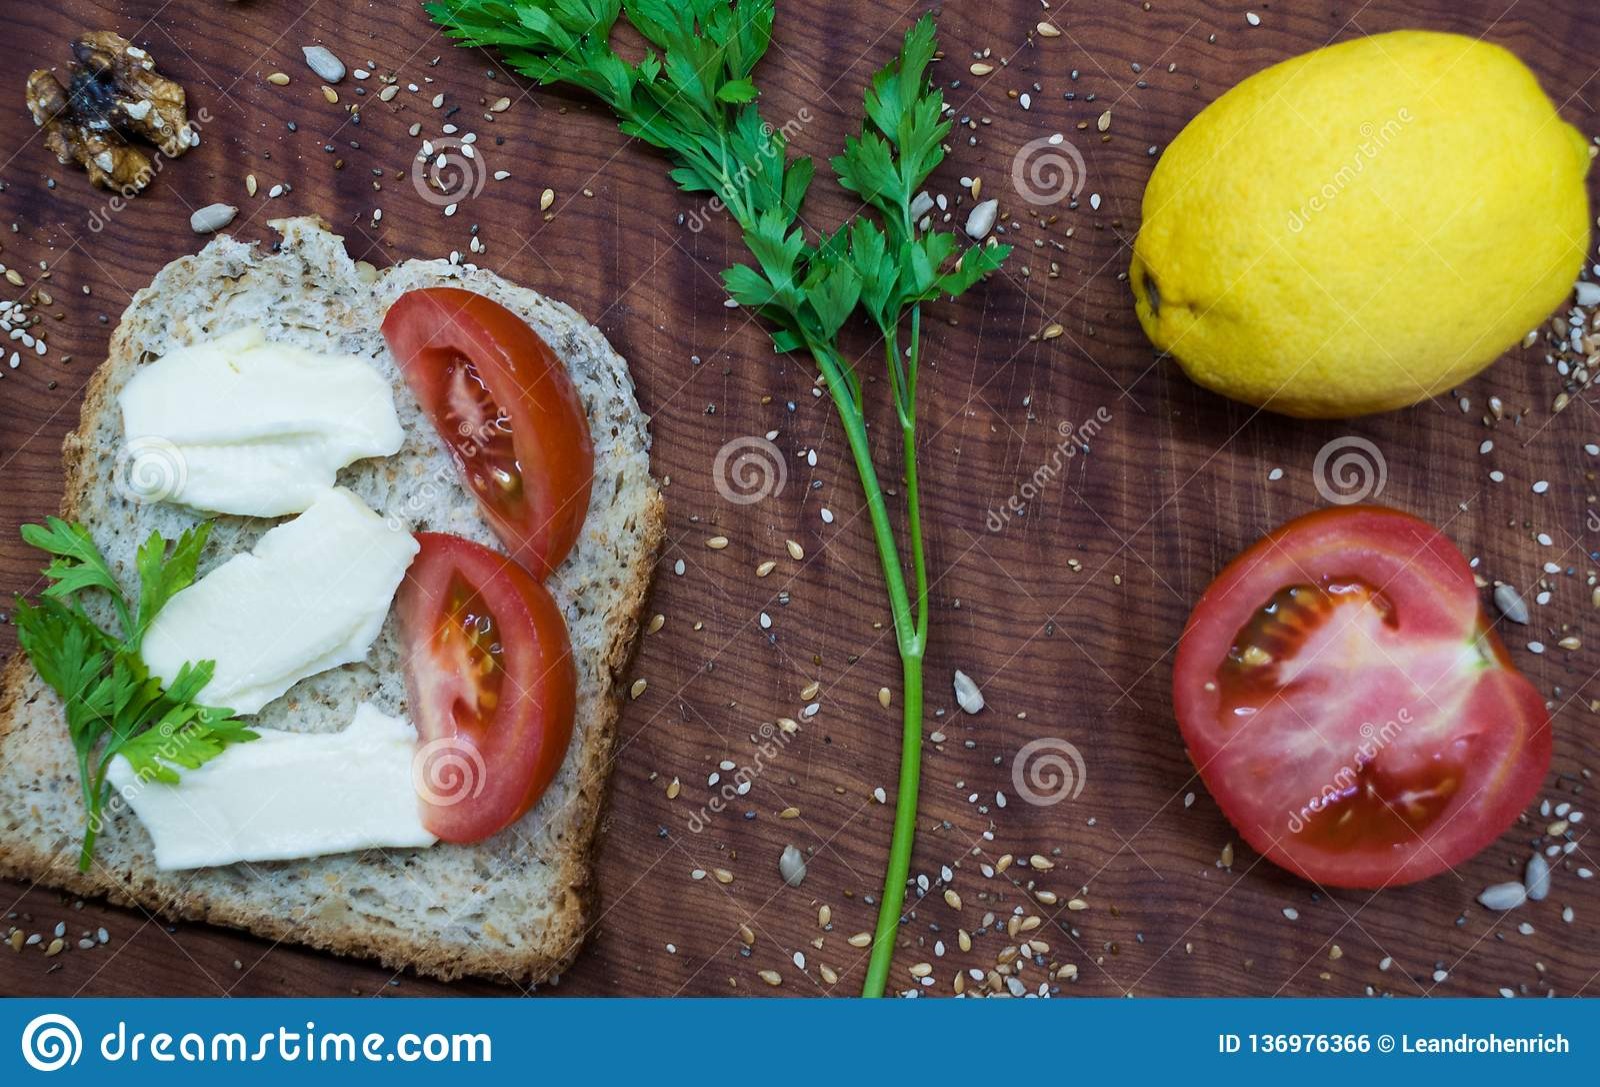 Brunchtijd: gezond en smakelijk voedsel